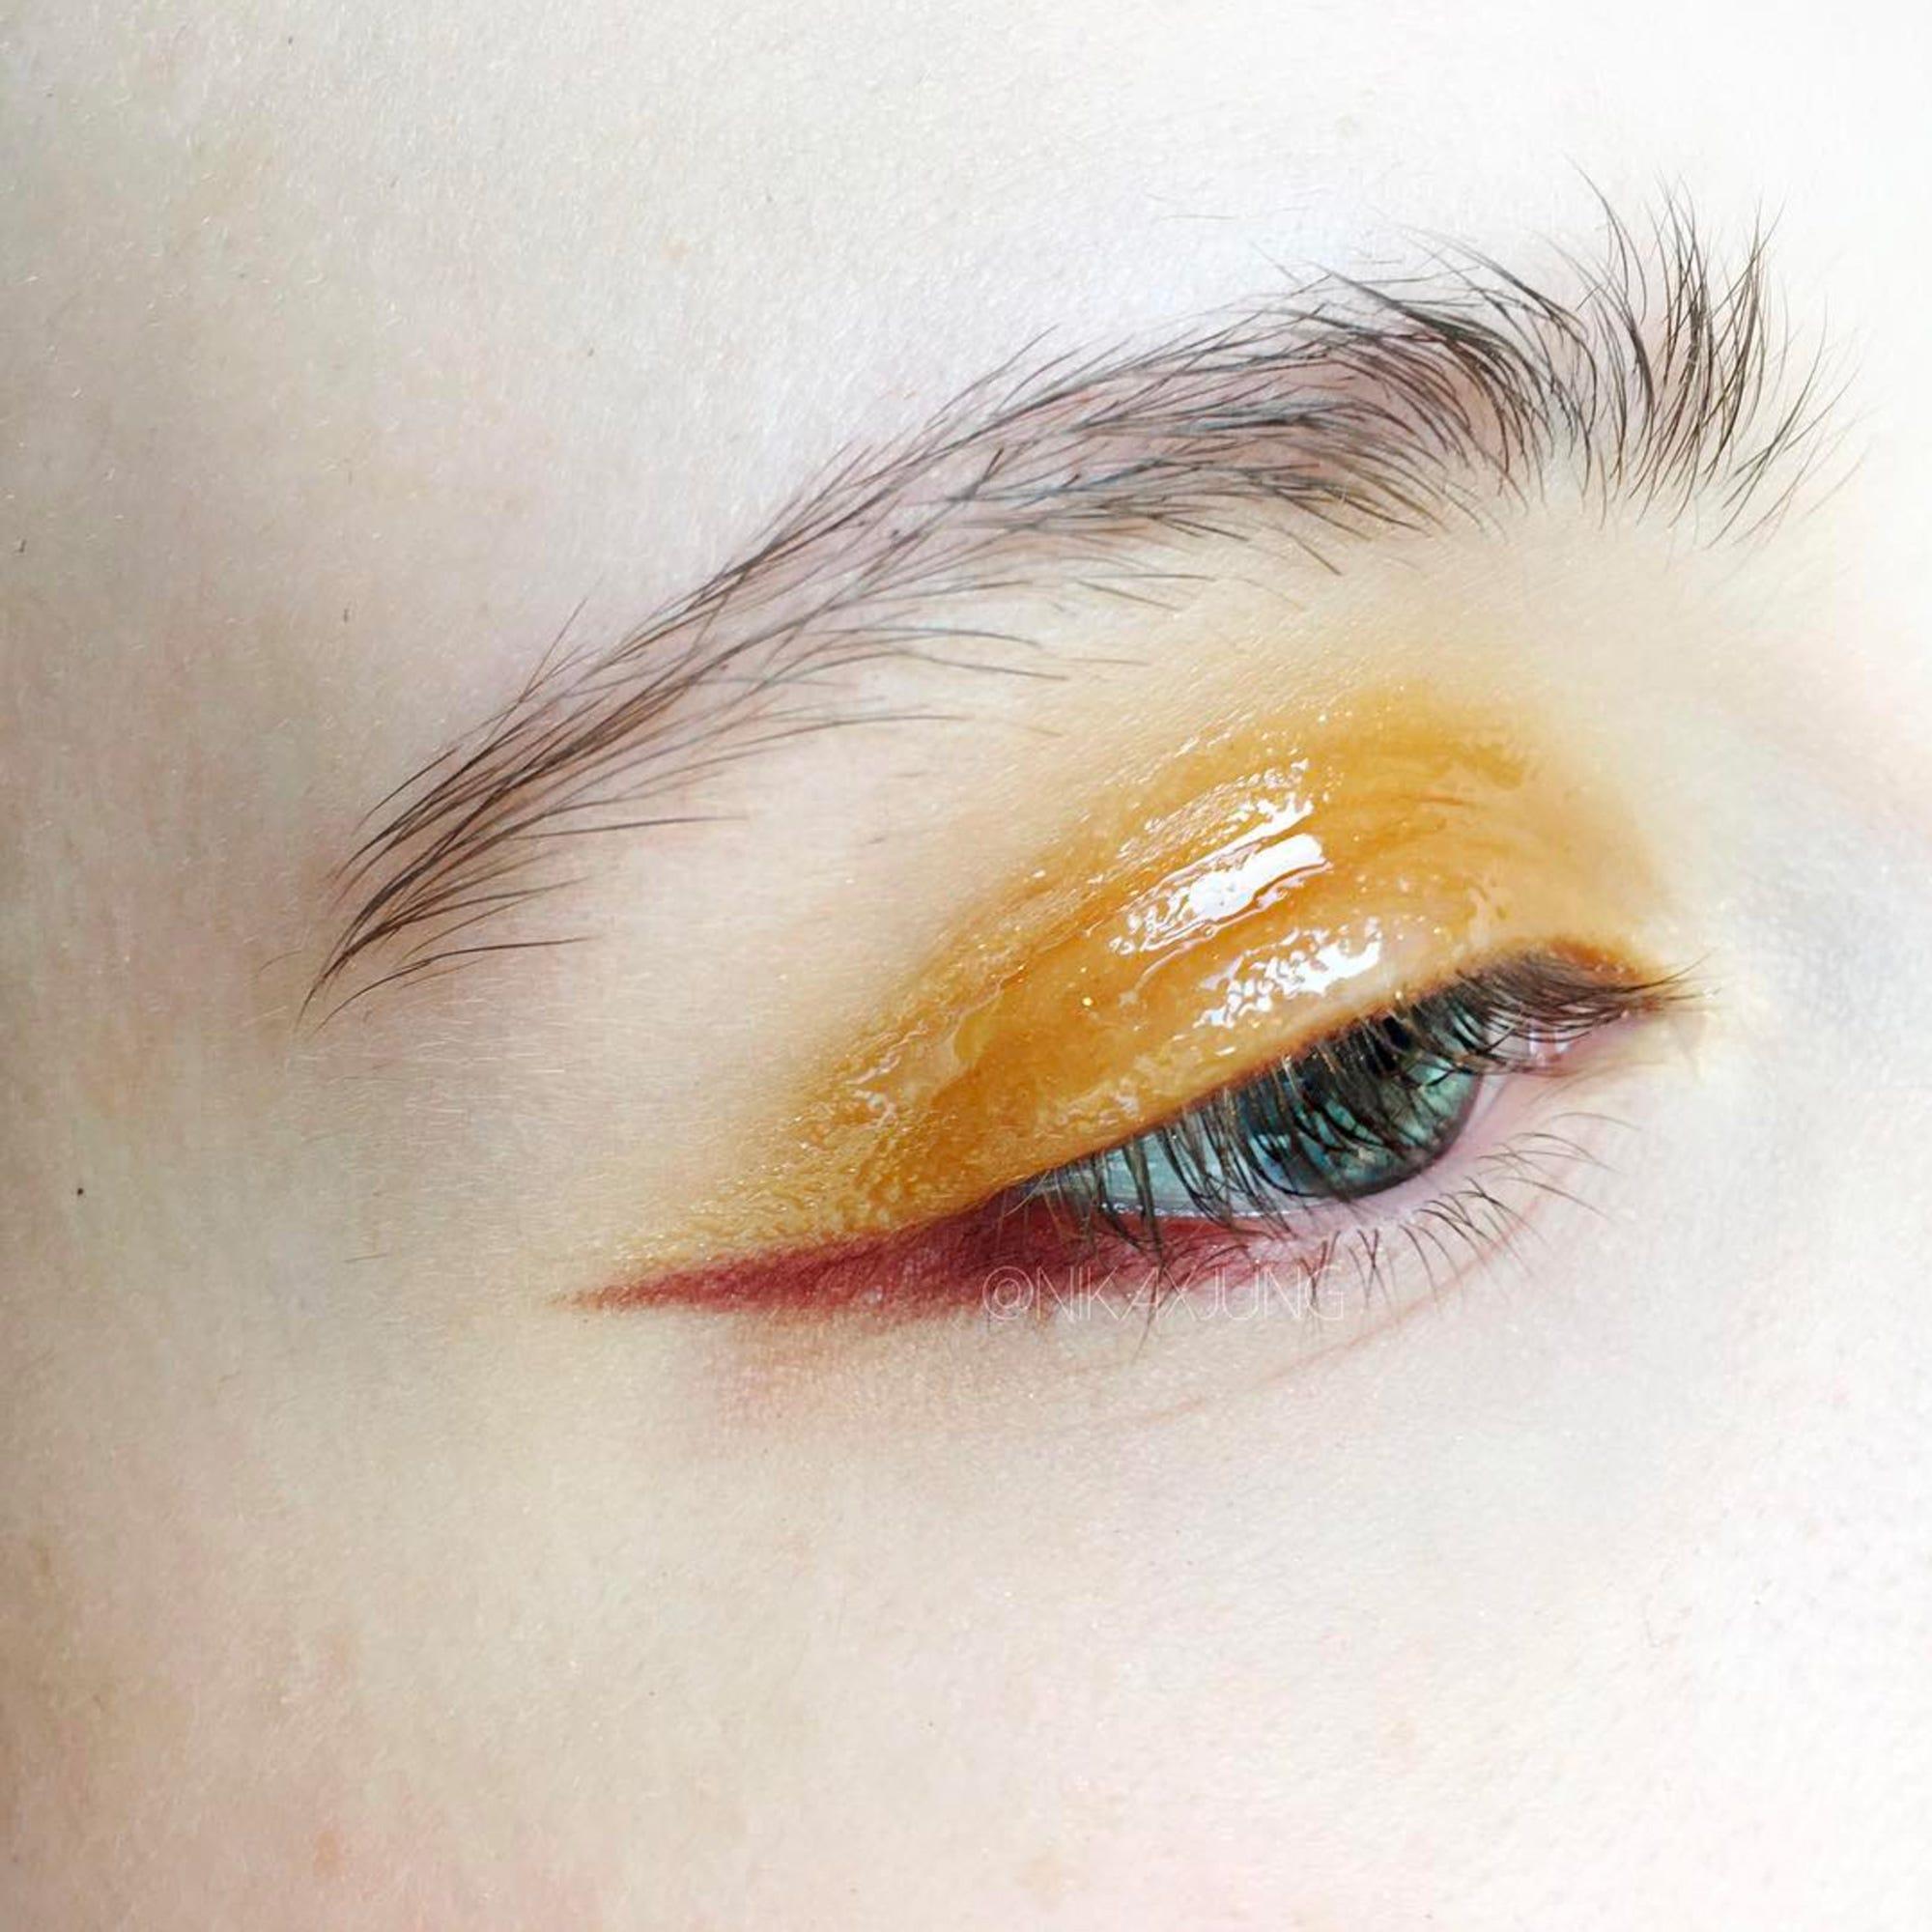 Glossy Eyeshadow Trend Best Eye Makeup Looks Photos